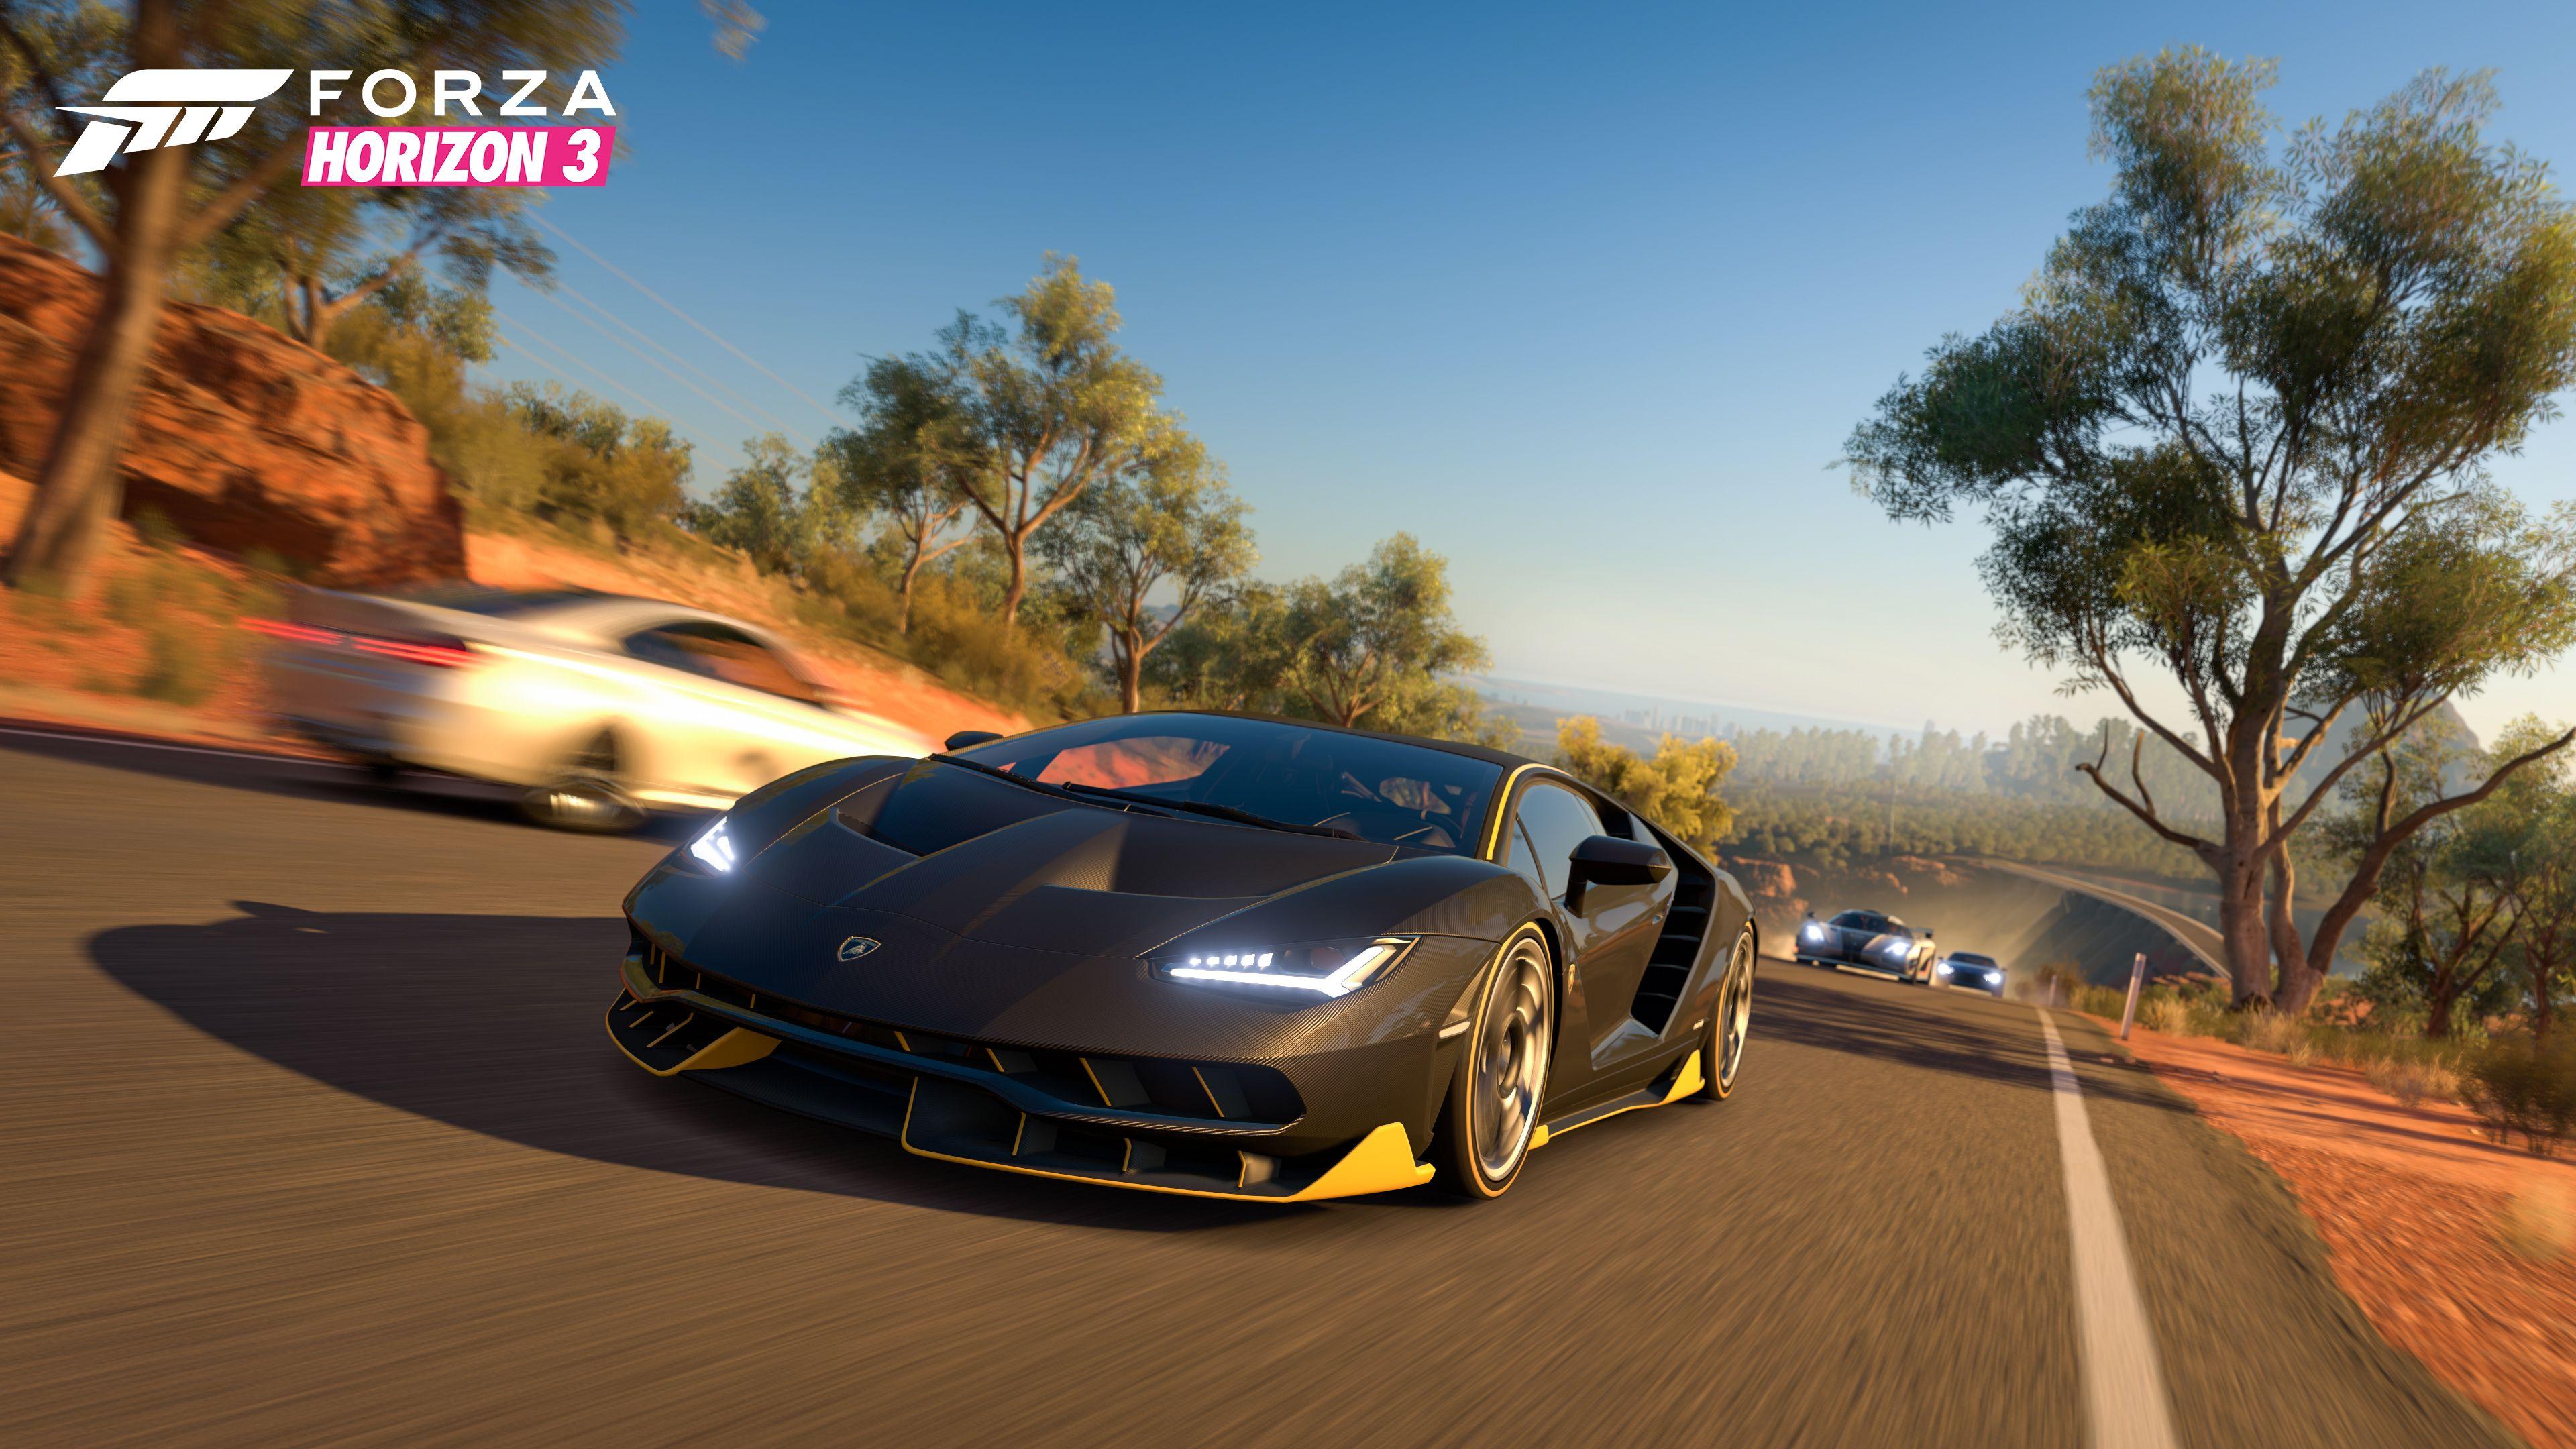 ForzaHorizon3_Gamescom_LamboDamRoad_WM.jpg